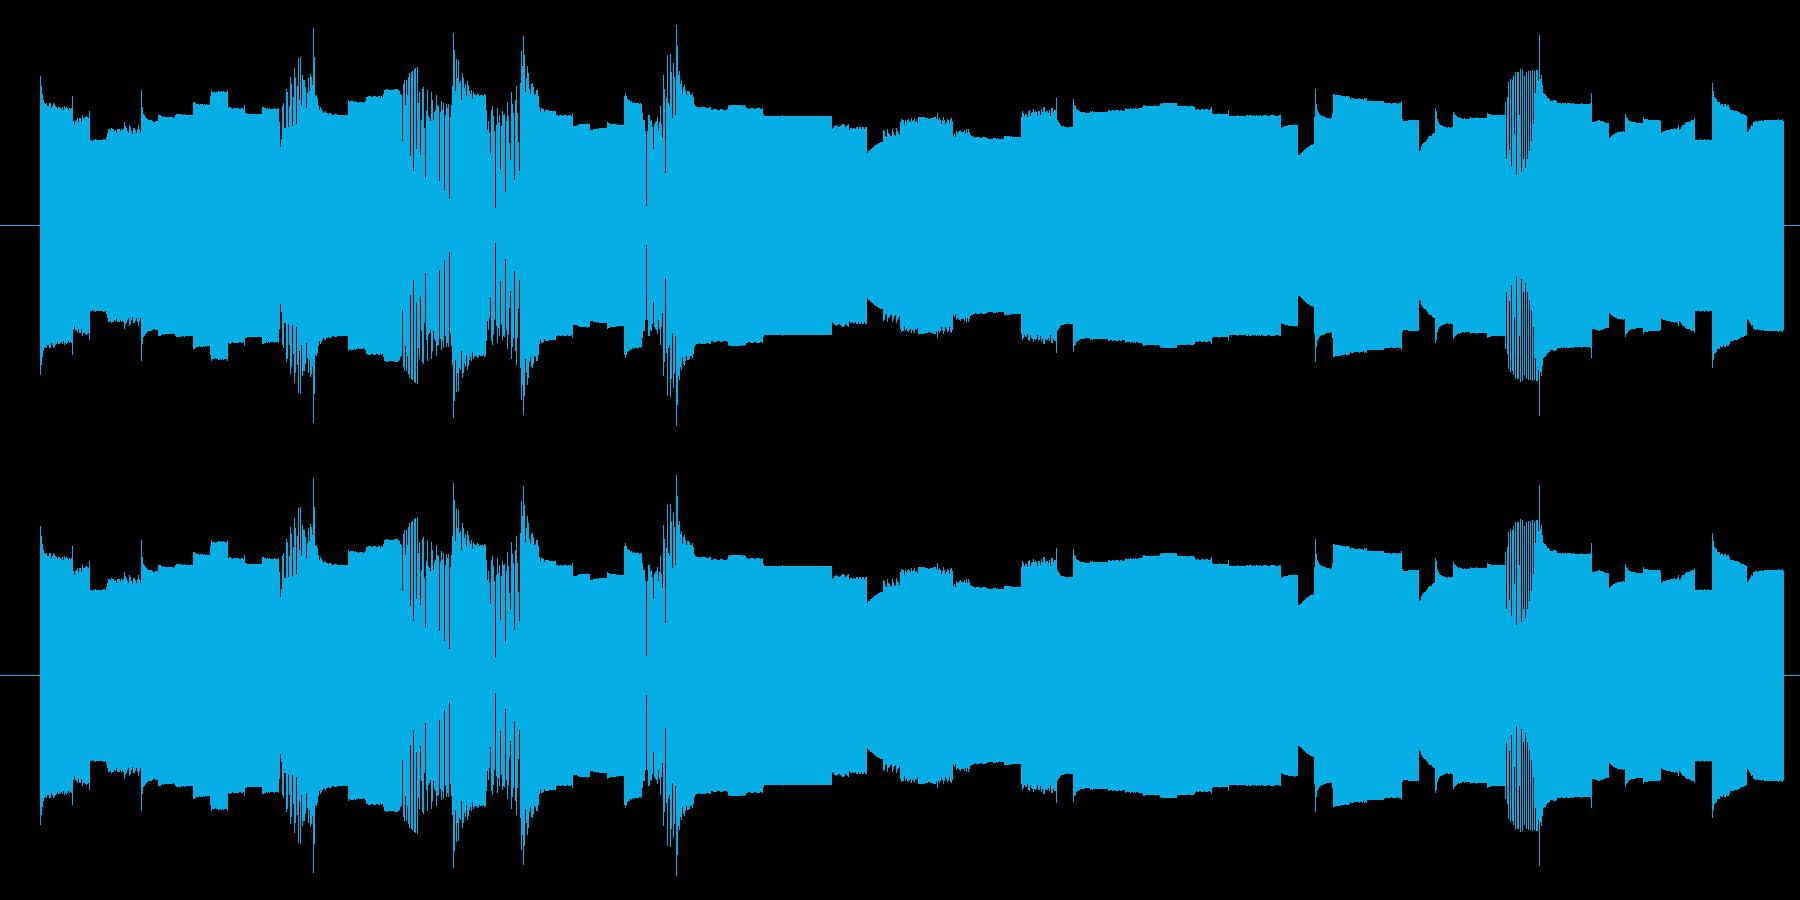 機械 カオスサインディストーション02の再生済みの波形